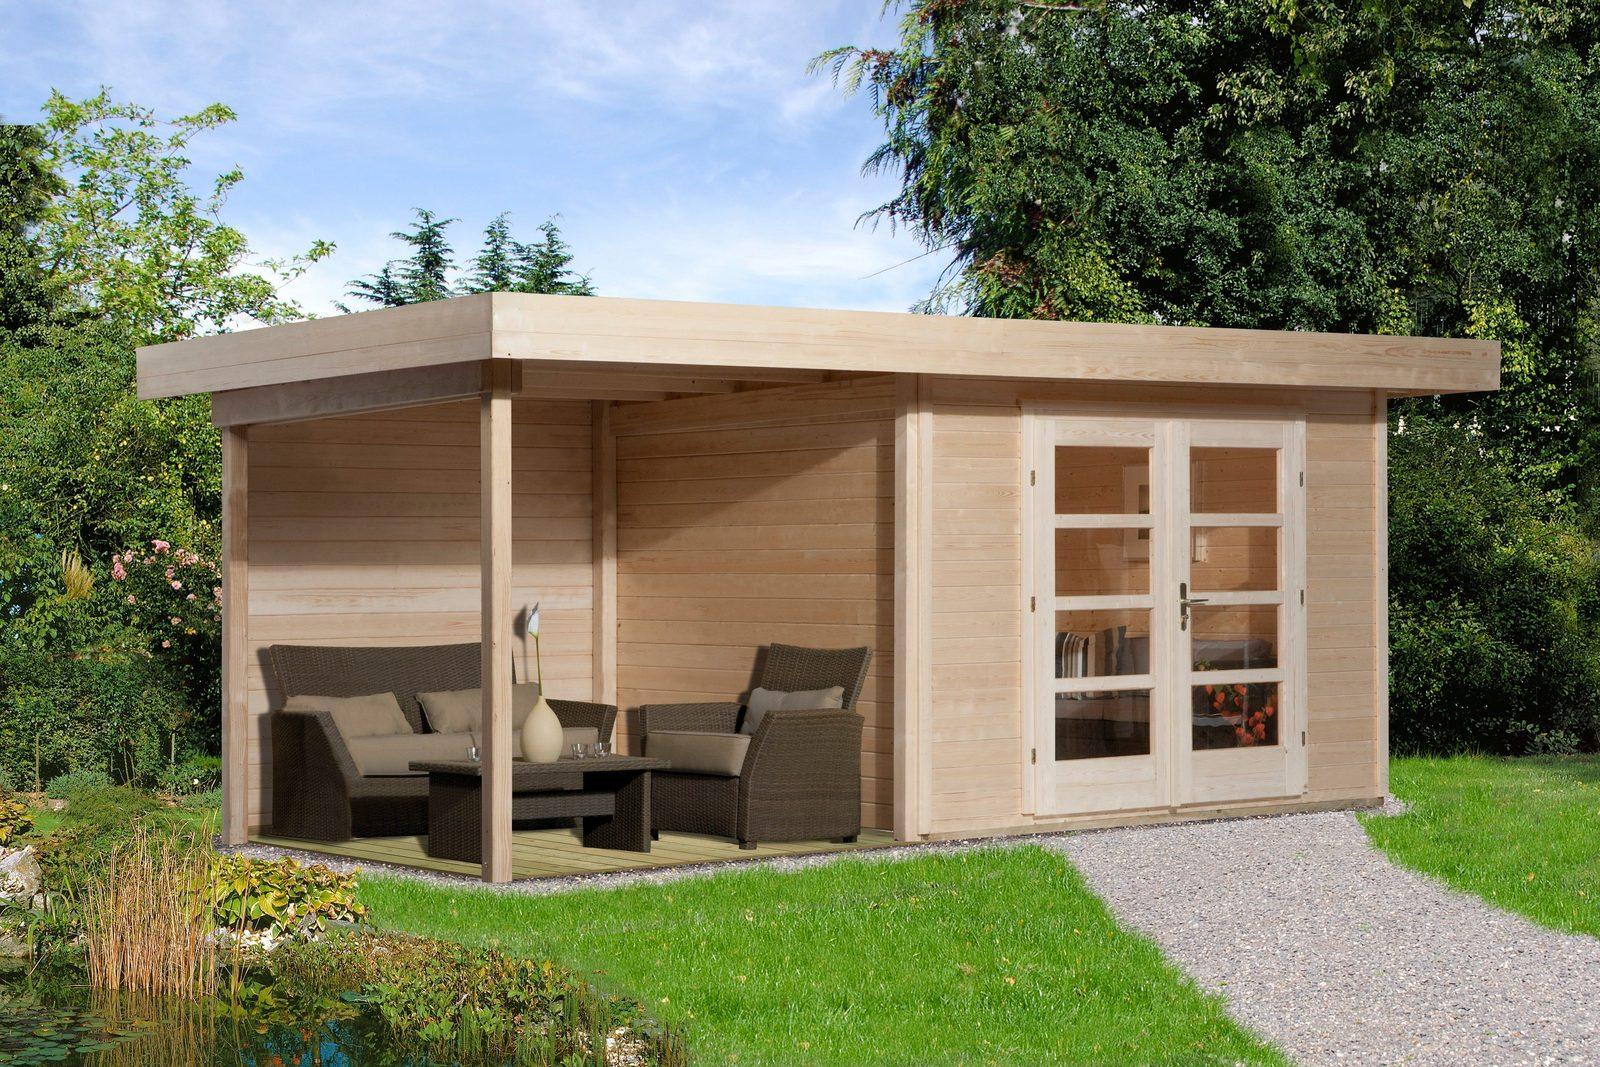 Weka Gartenhaus »Chillout«, BxT: 530x240 cm, inkl. Fußboden, in 2 Farben